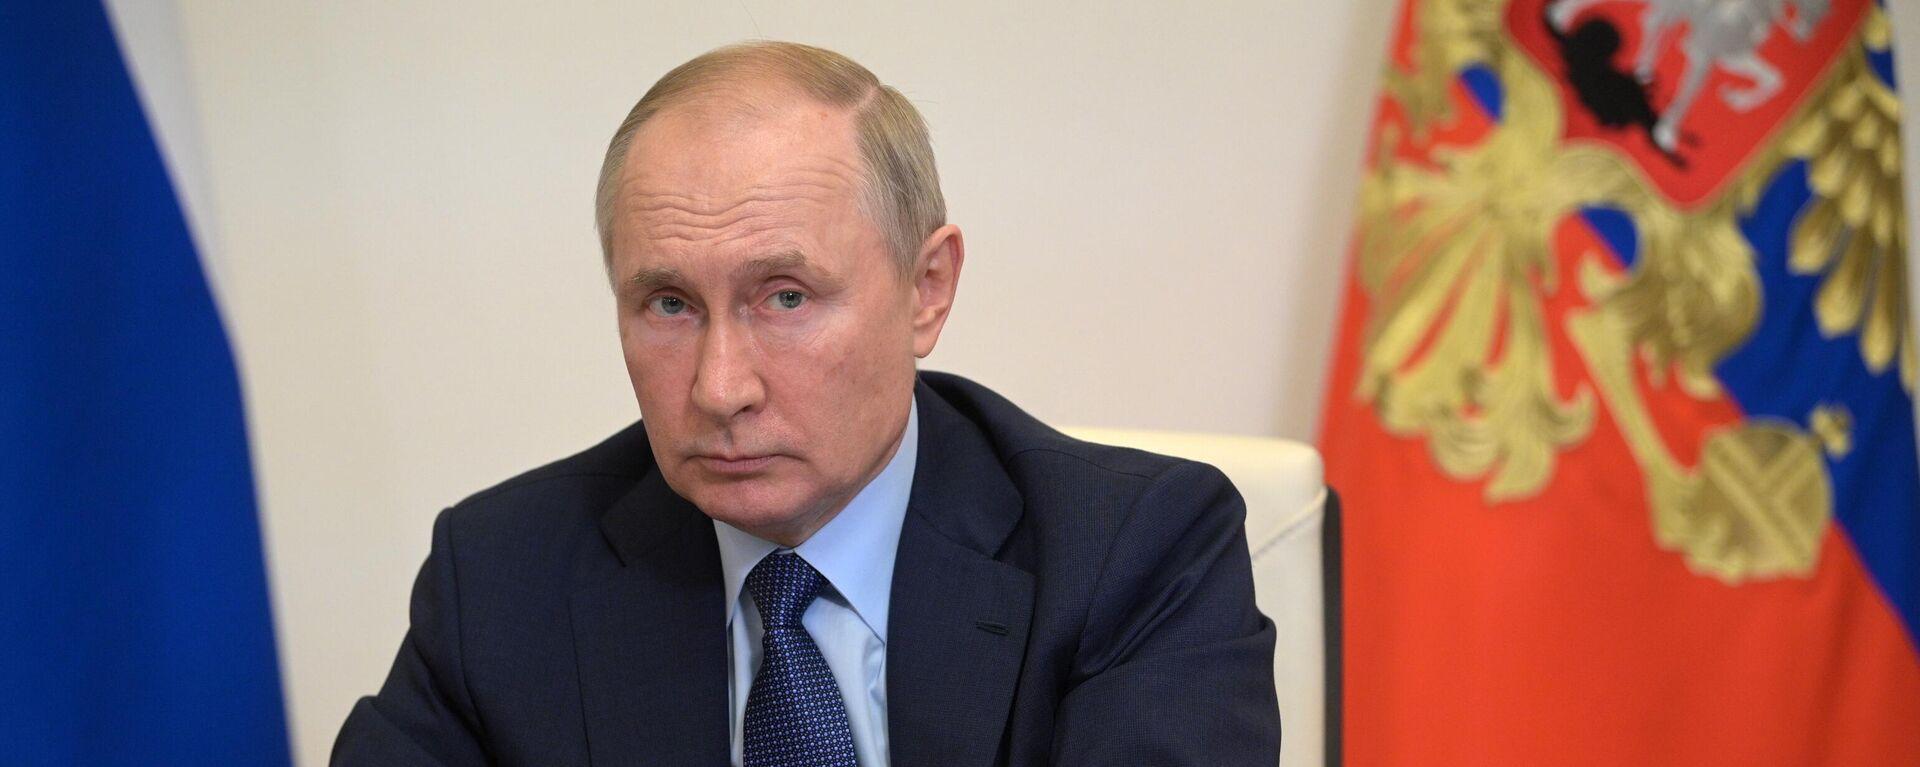 Председник Русије Владимир Путин - Sputnik Србија, 1920, 11.10.2021